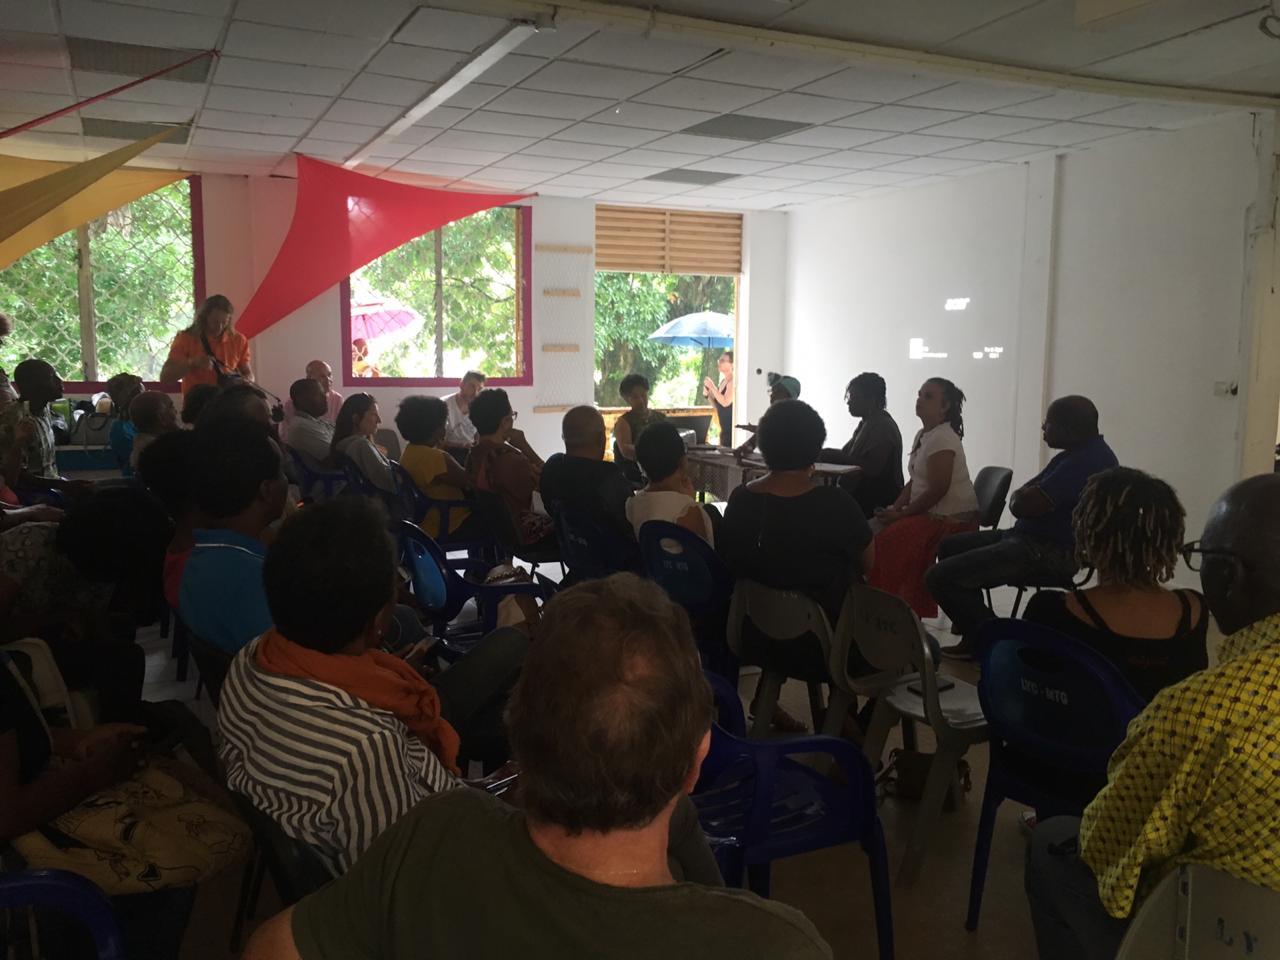 Zéro Chlordécone : une conférence récapitulative du travail mené depuis plusieurs mois par ses militants